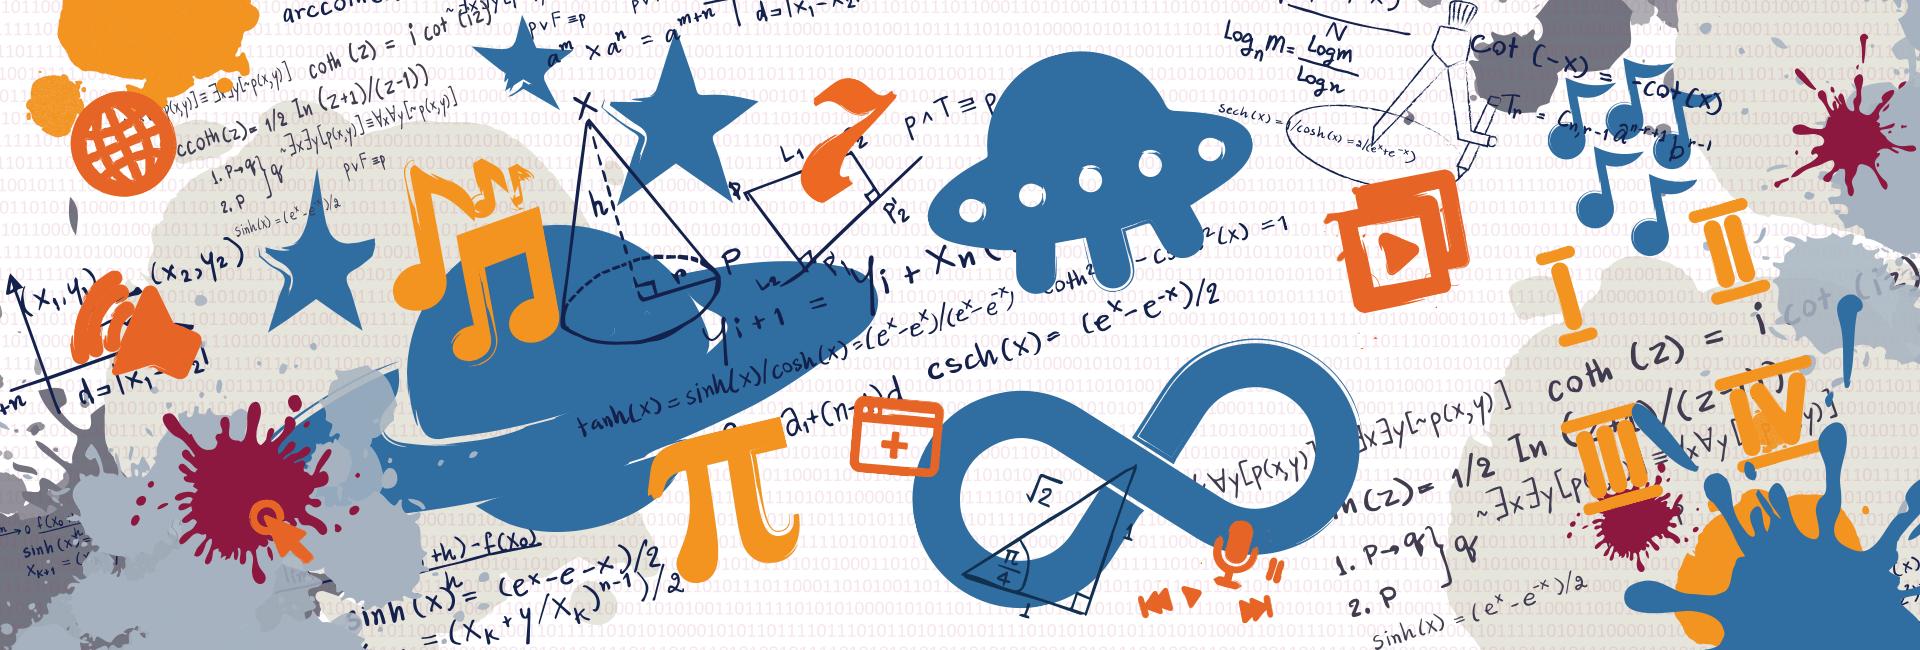 Zum Mathe-Kosmos